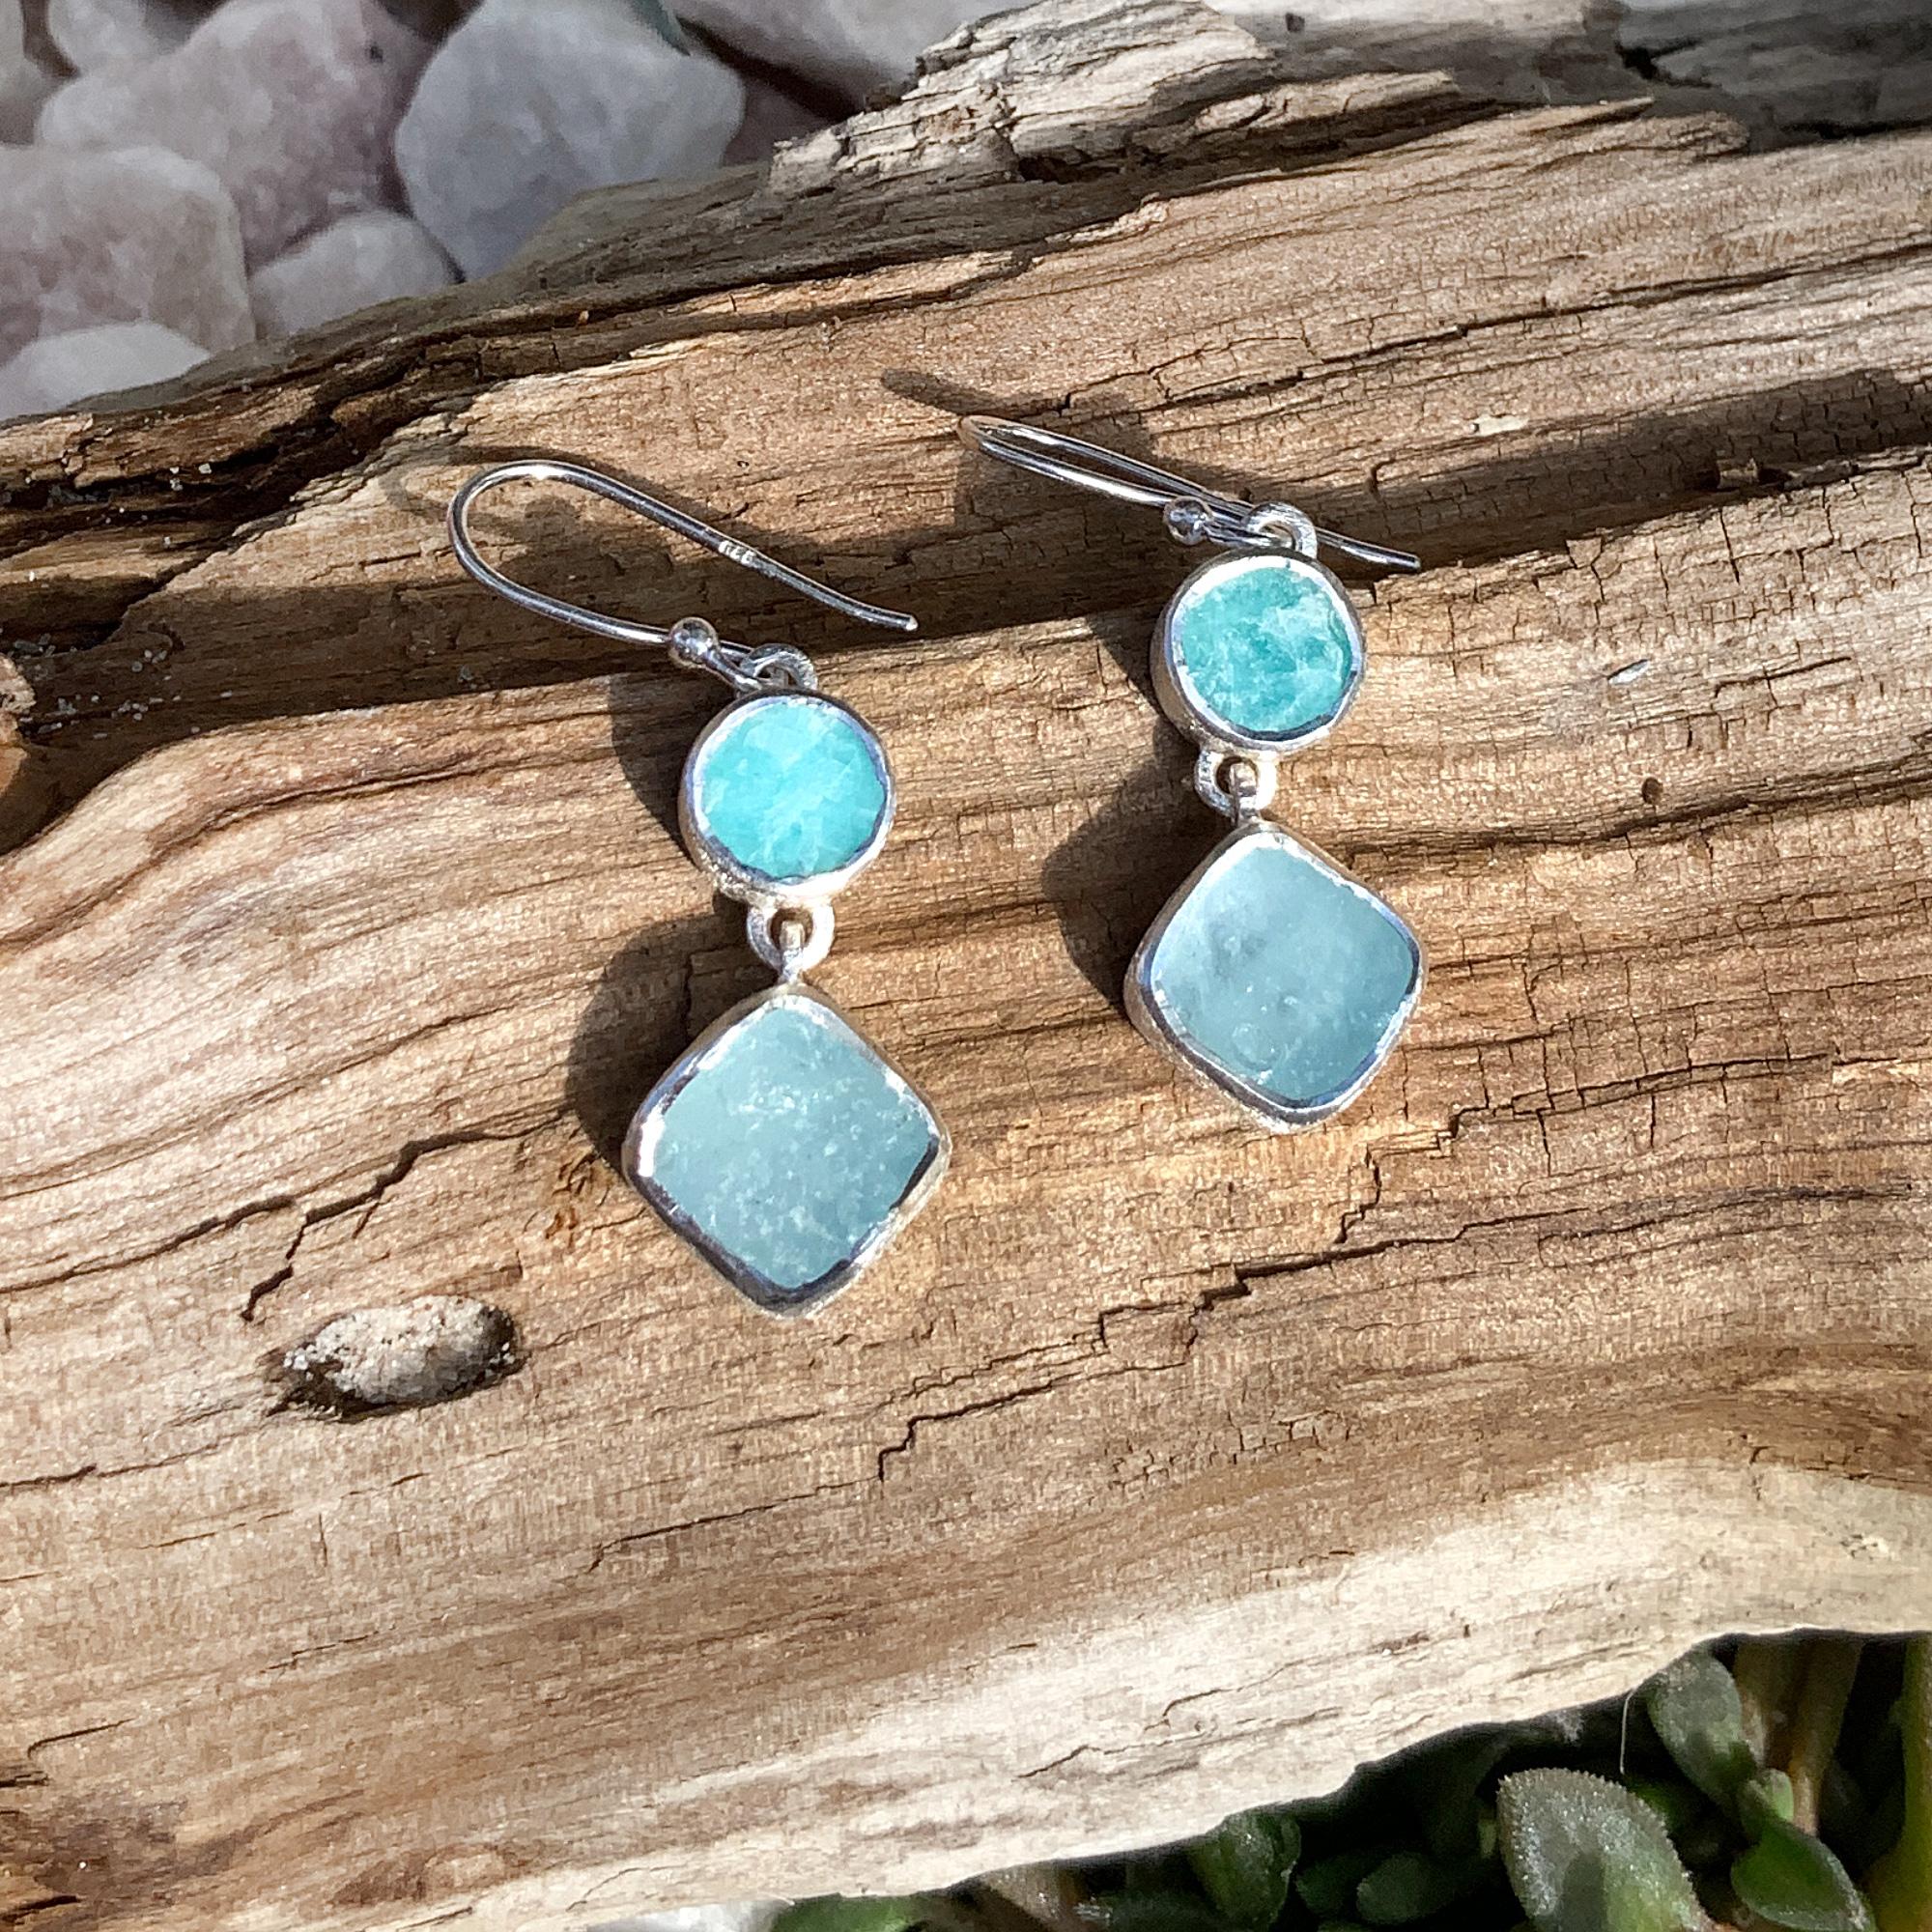 Handmade Aquamarine & Amazonite Gemstone Sterling Silver Ladies Earrings